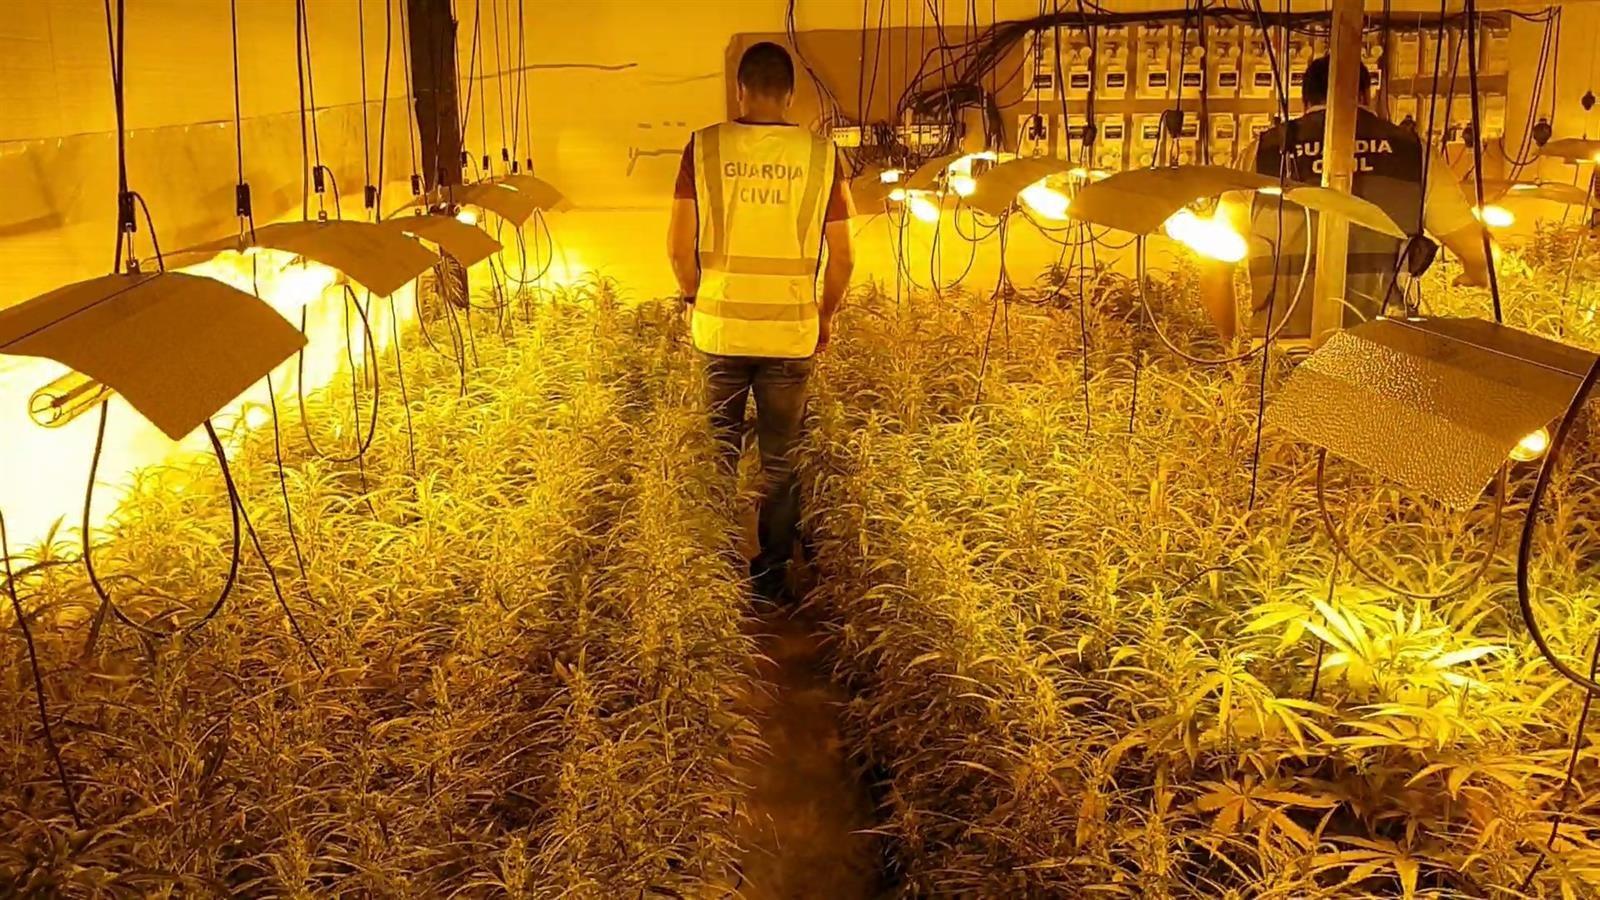 200 plantas de cannabis intervenidas en dos viviendas de Pinos Puente y Darro